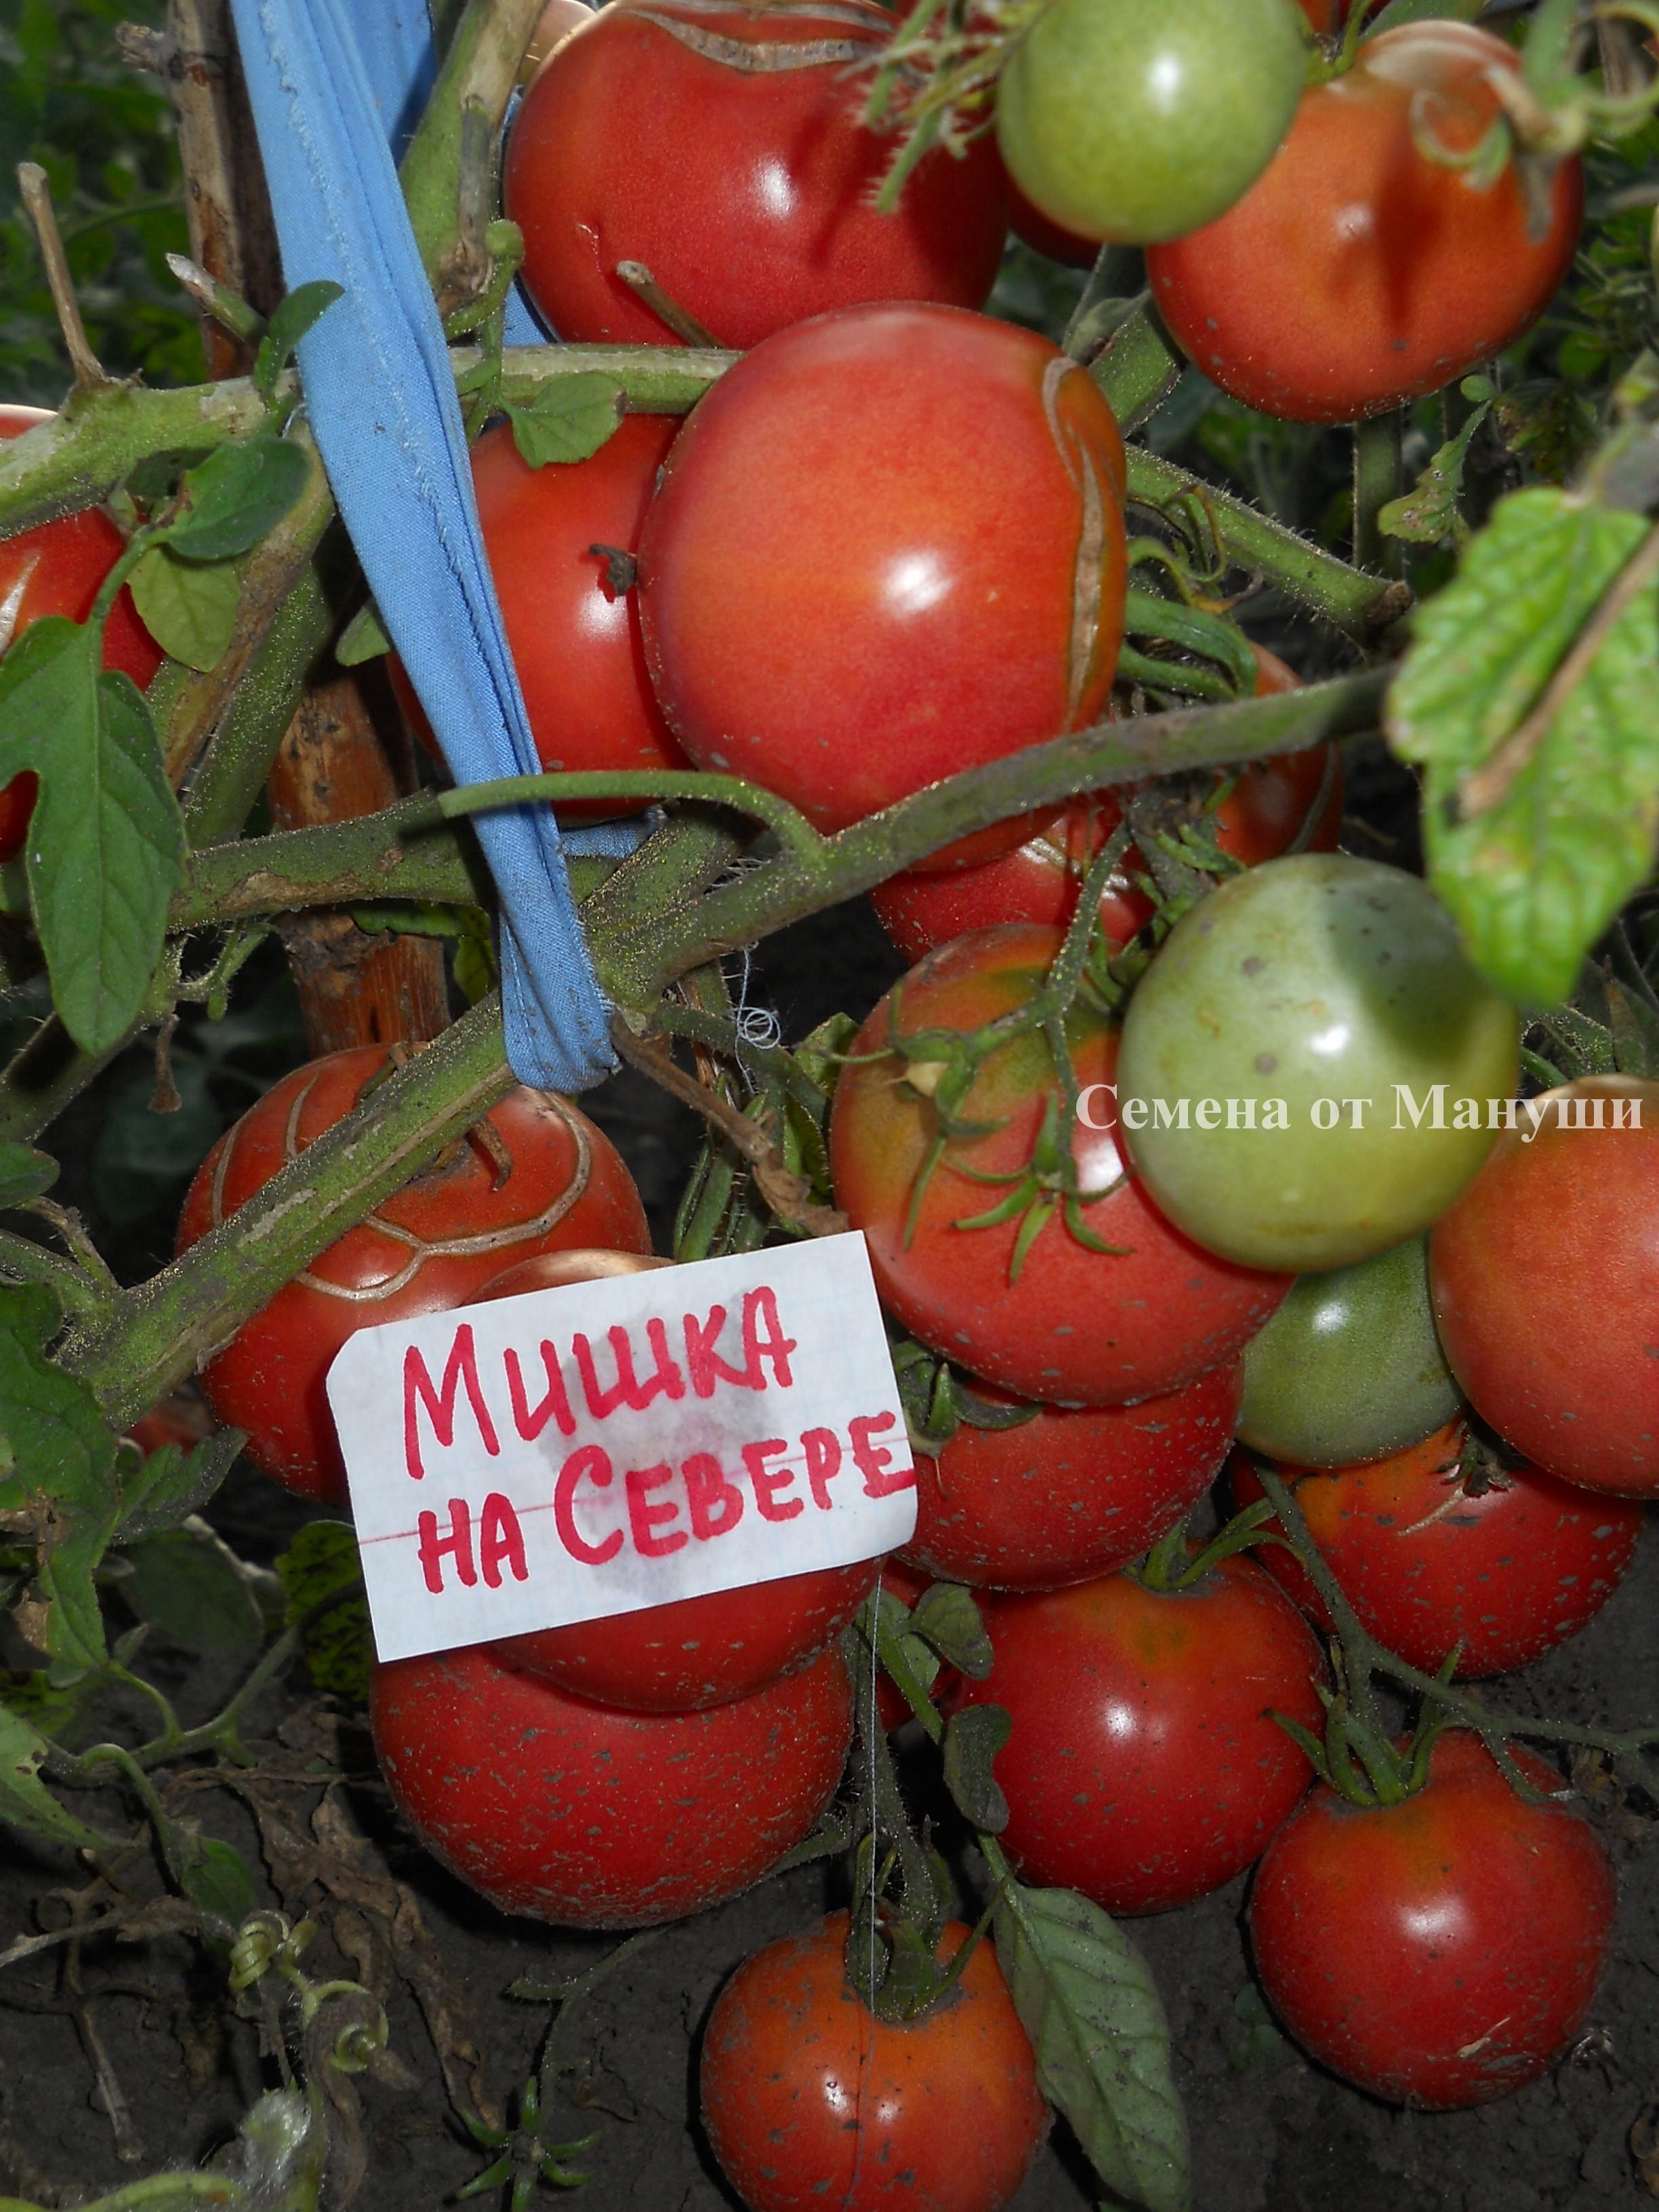 Томат полярный скороспелый: отзывы об урожайности, характеристика и описание сорта, фото куста